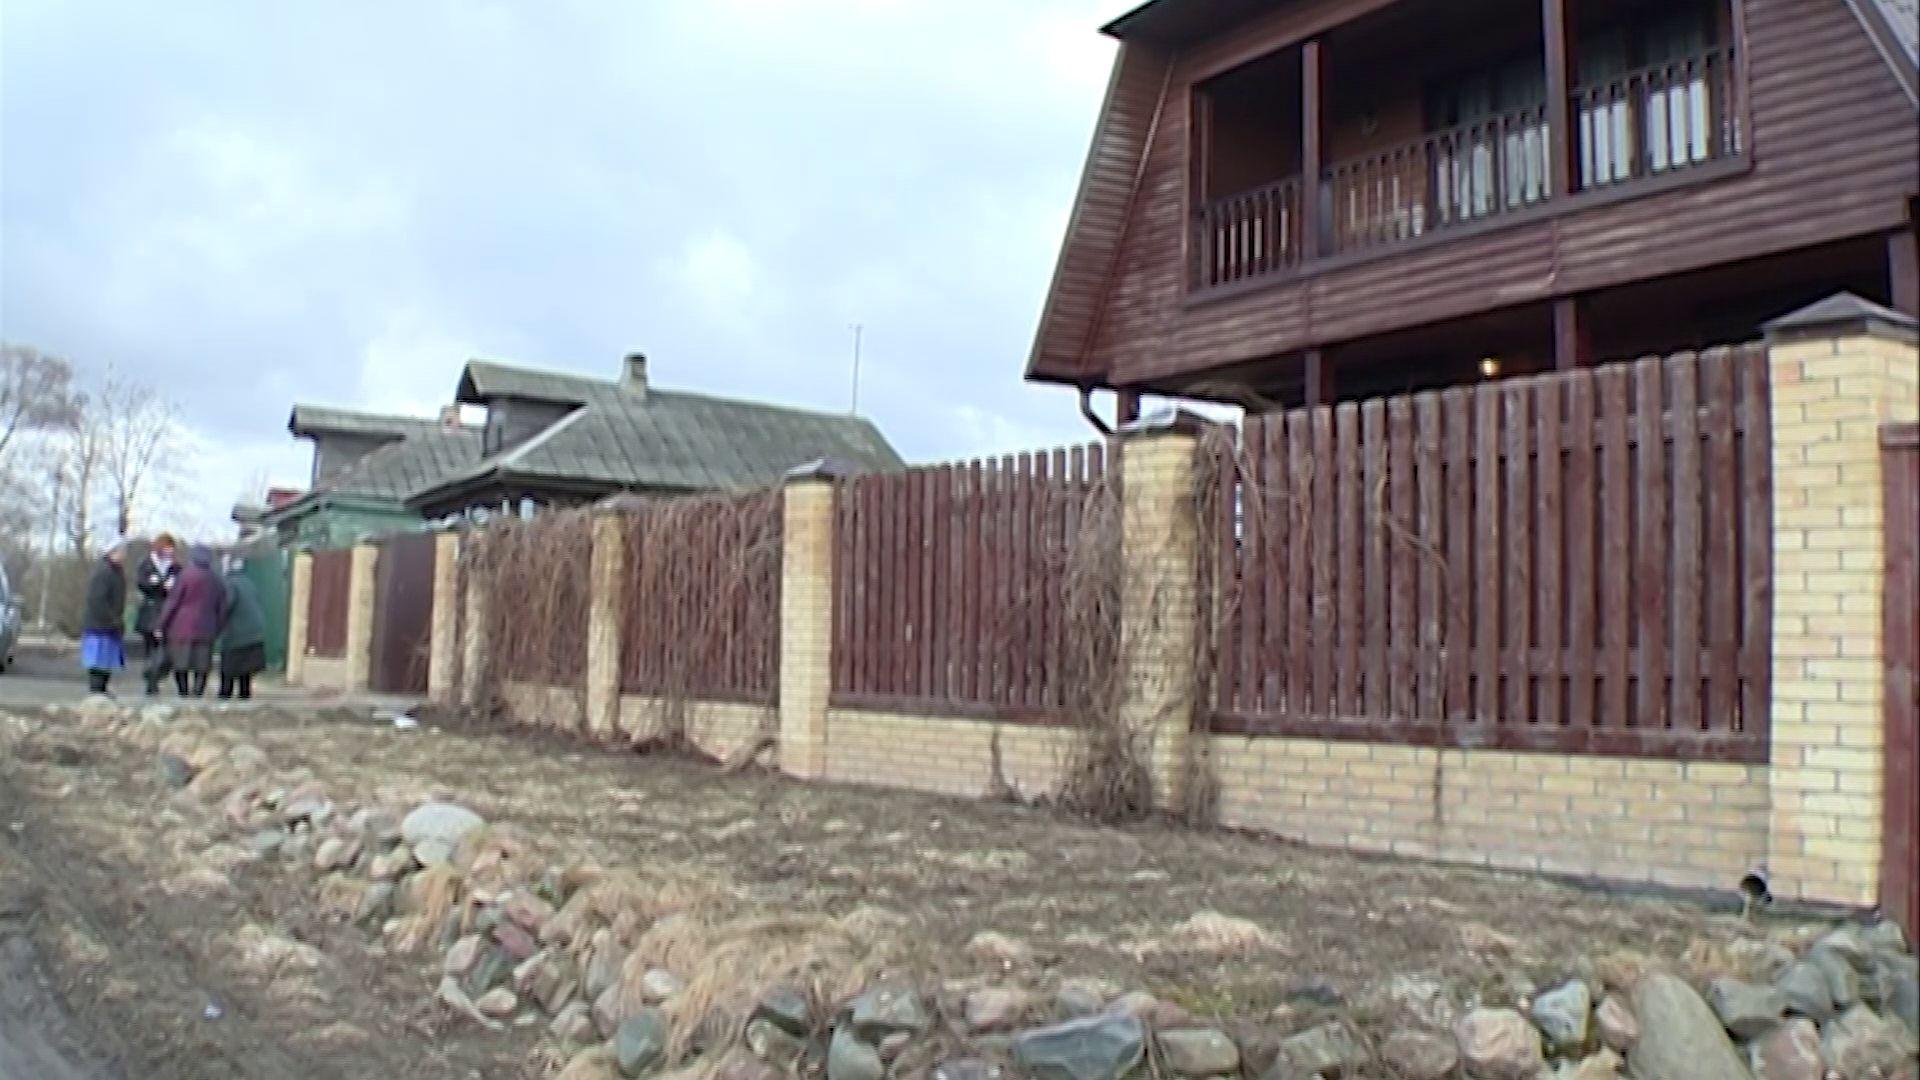 Ярославна ударила бывшую жену своего мужа лопатой из-за рассады